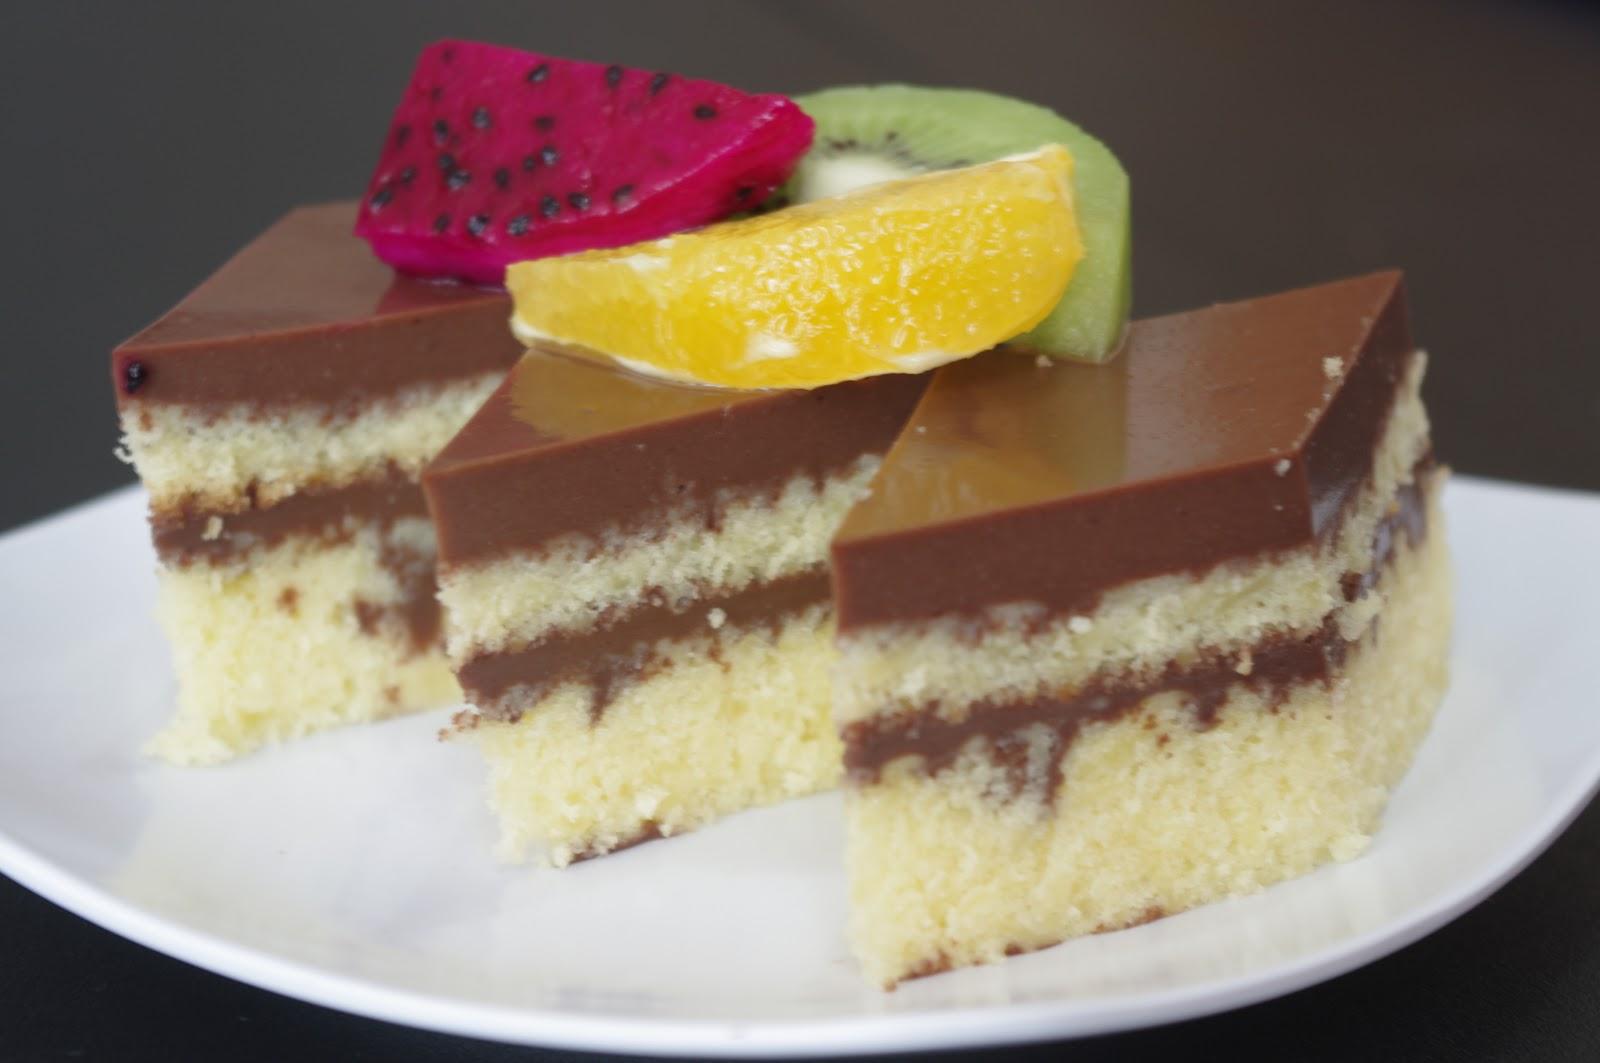 Resep Cake Jadul Enak: Resep Kue Basah: Cake Pandan Lapis Pudding Koktail